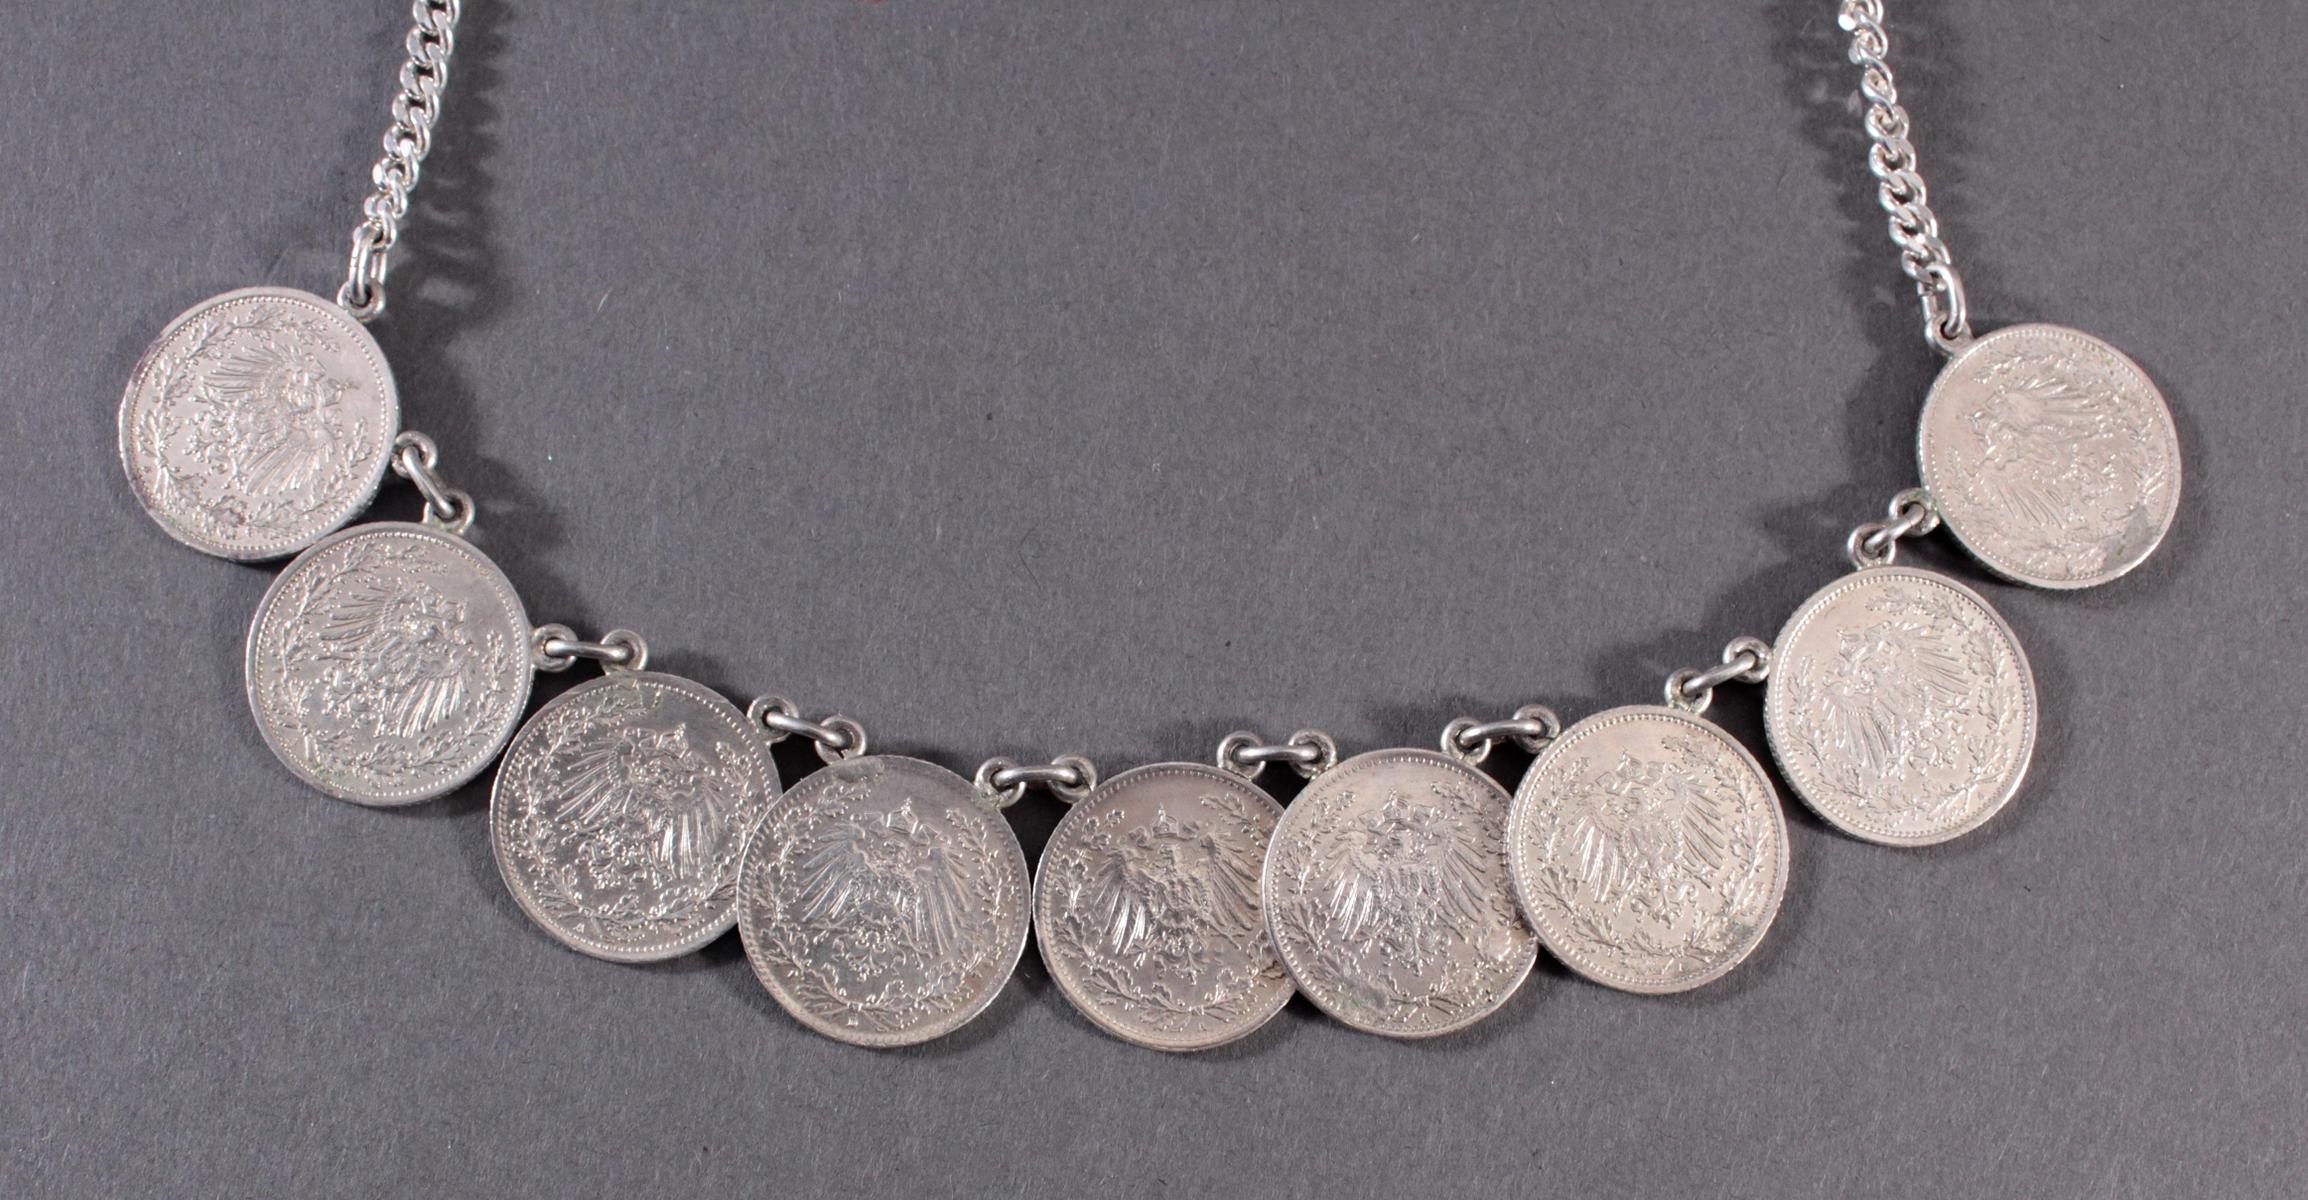 Halskette mit Silbermünzen-2